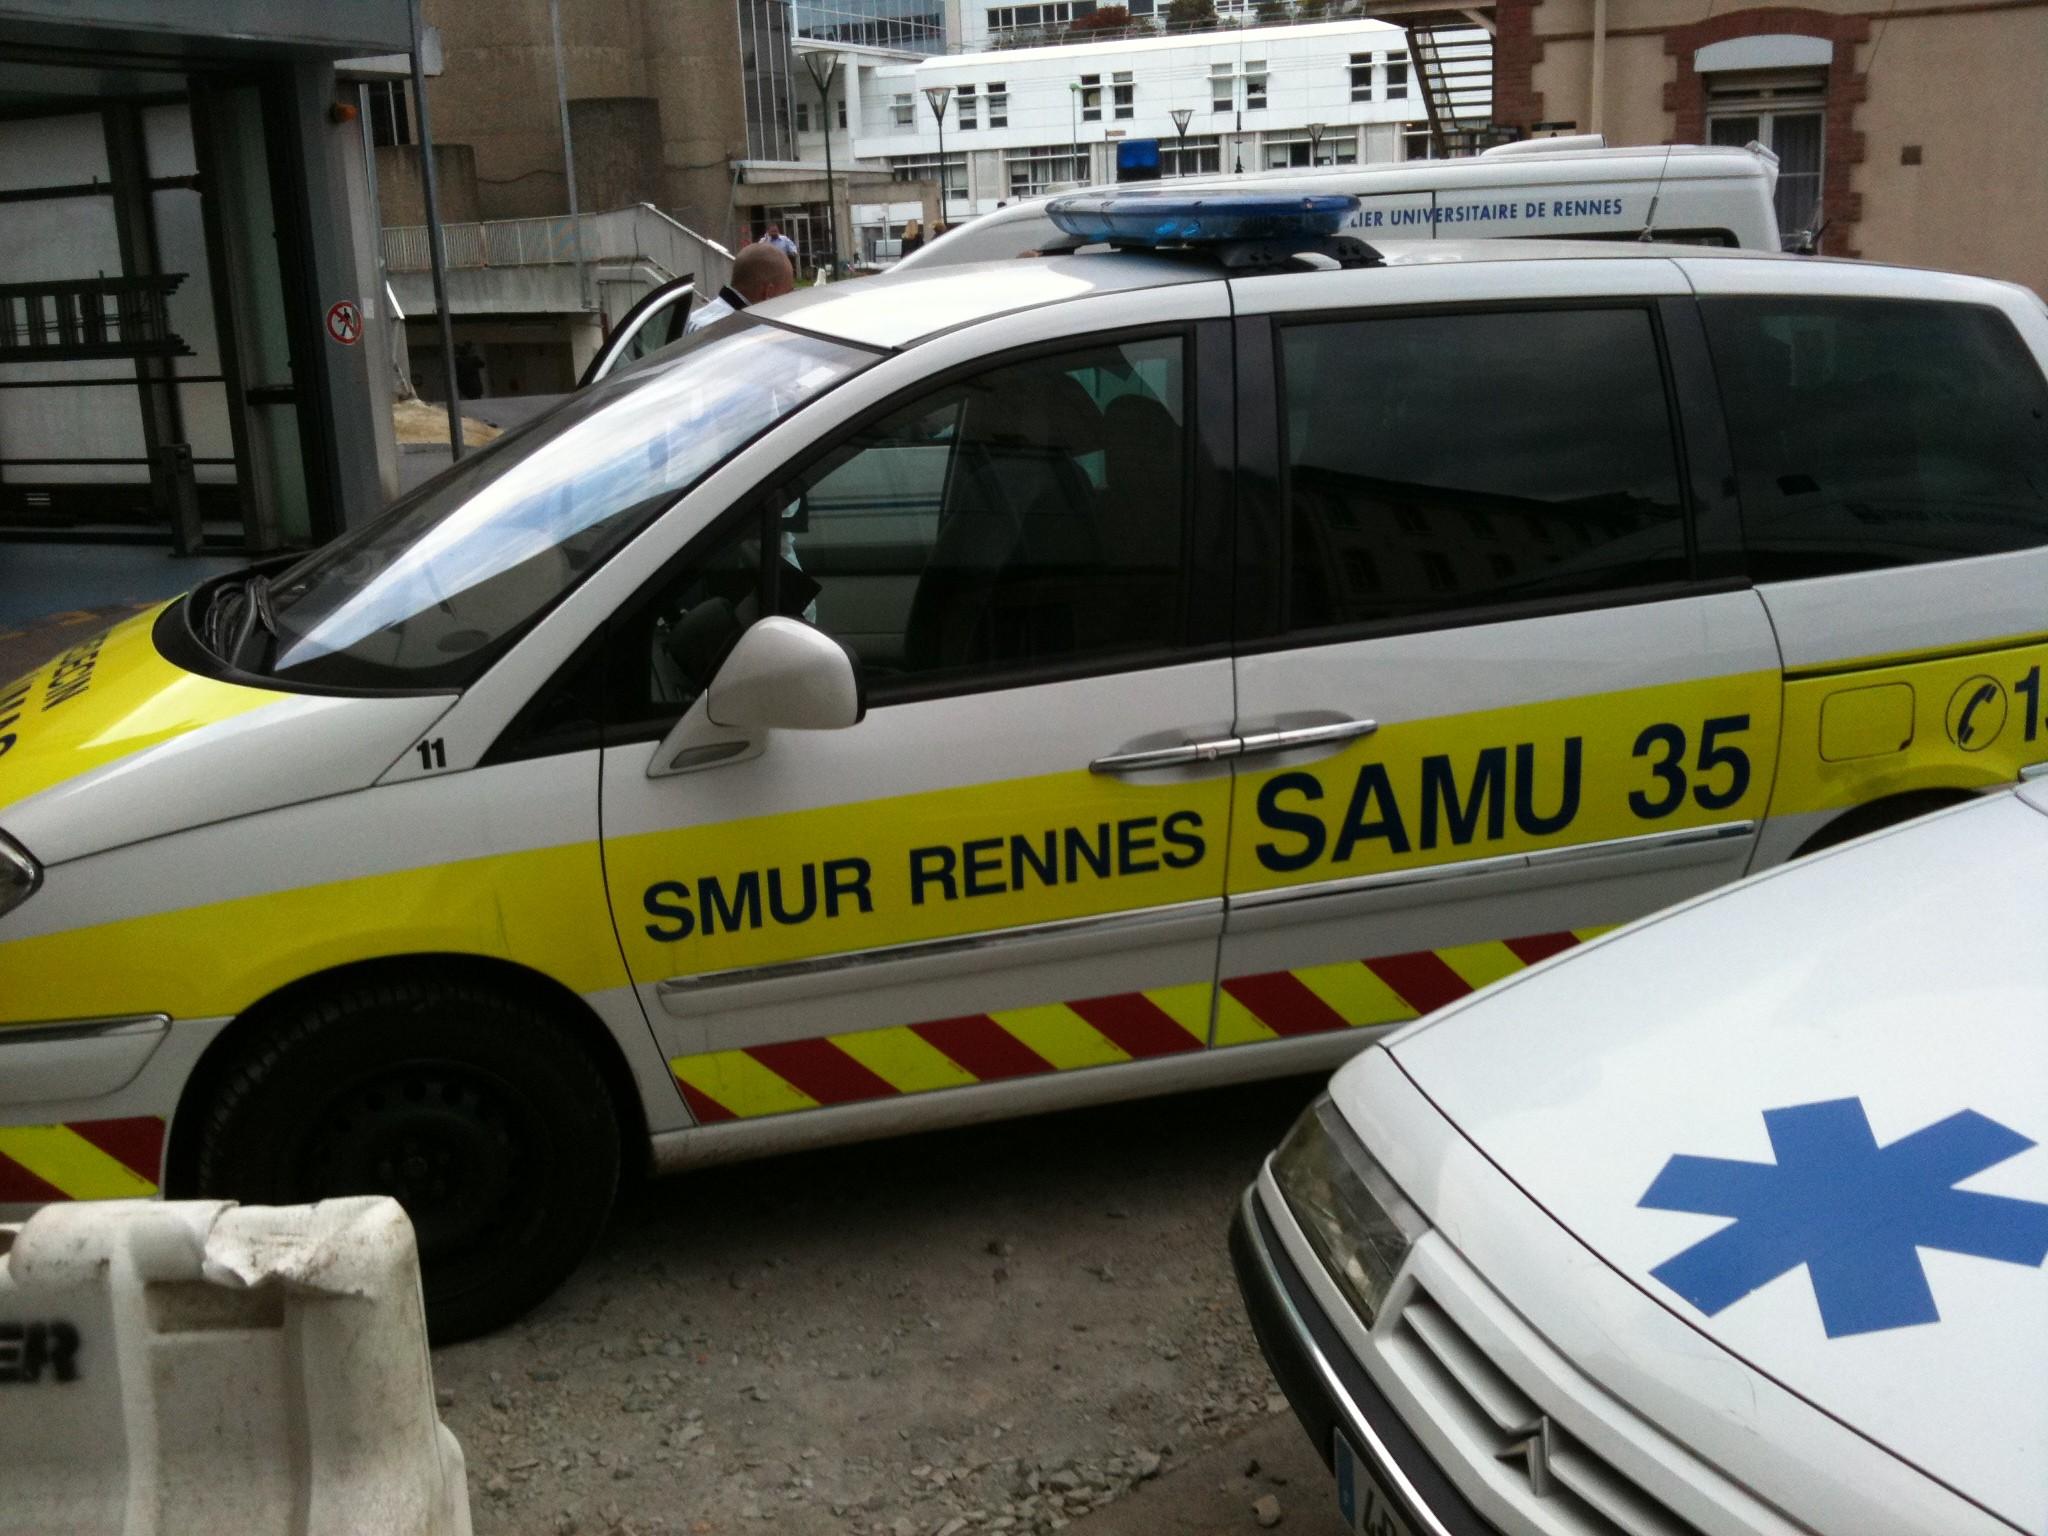 V hicules samu et smur r anim page 534 auto titre - Peut on porter plainte contre un huissier ...